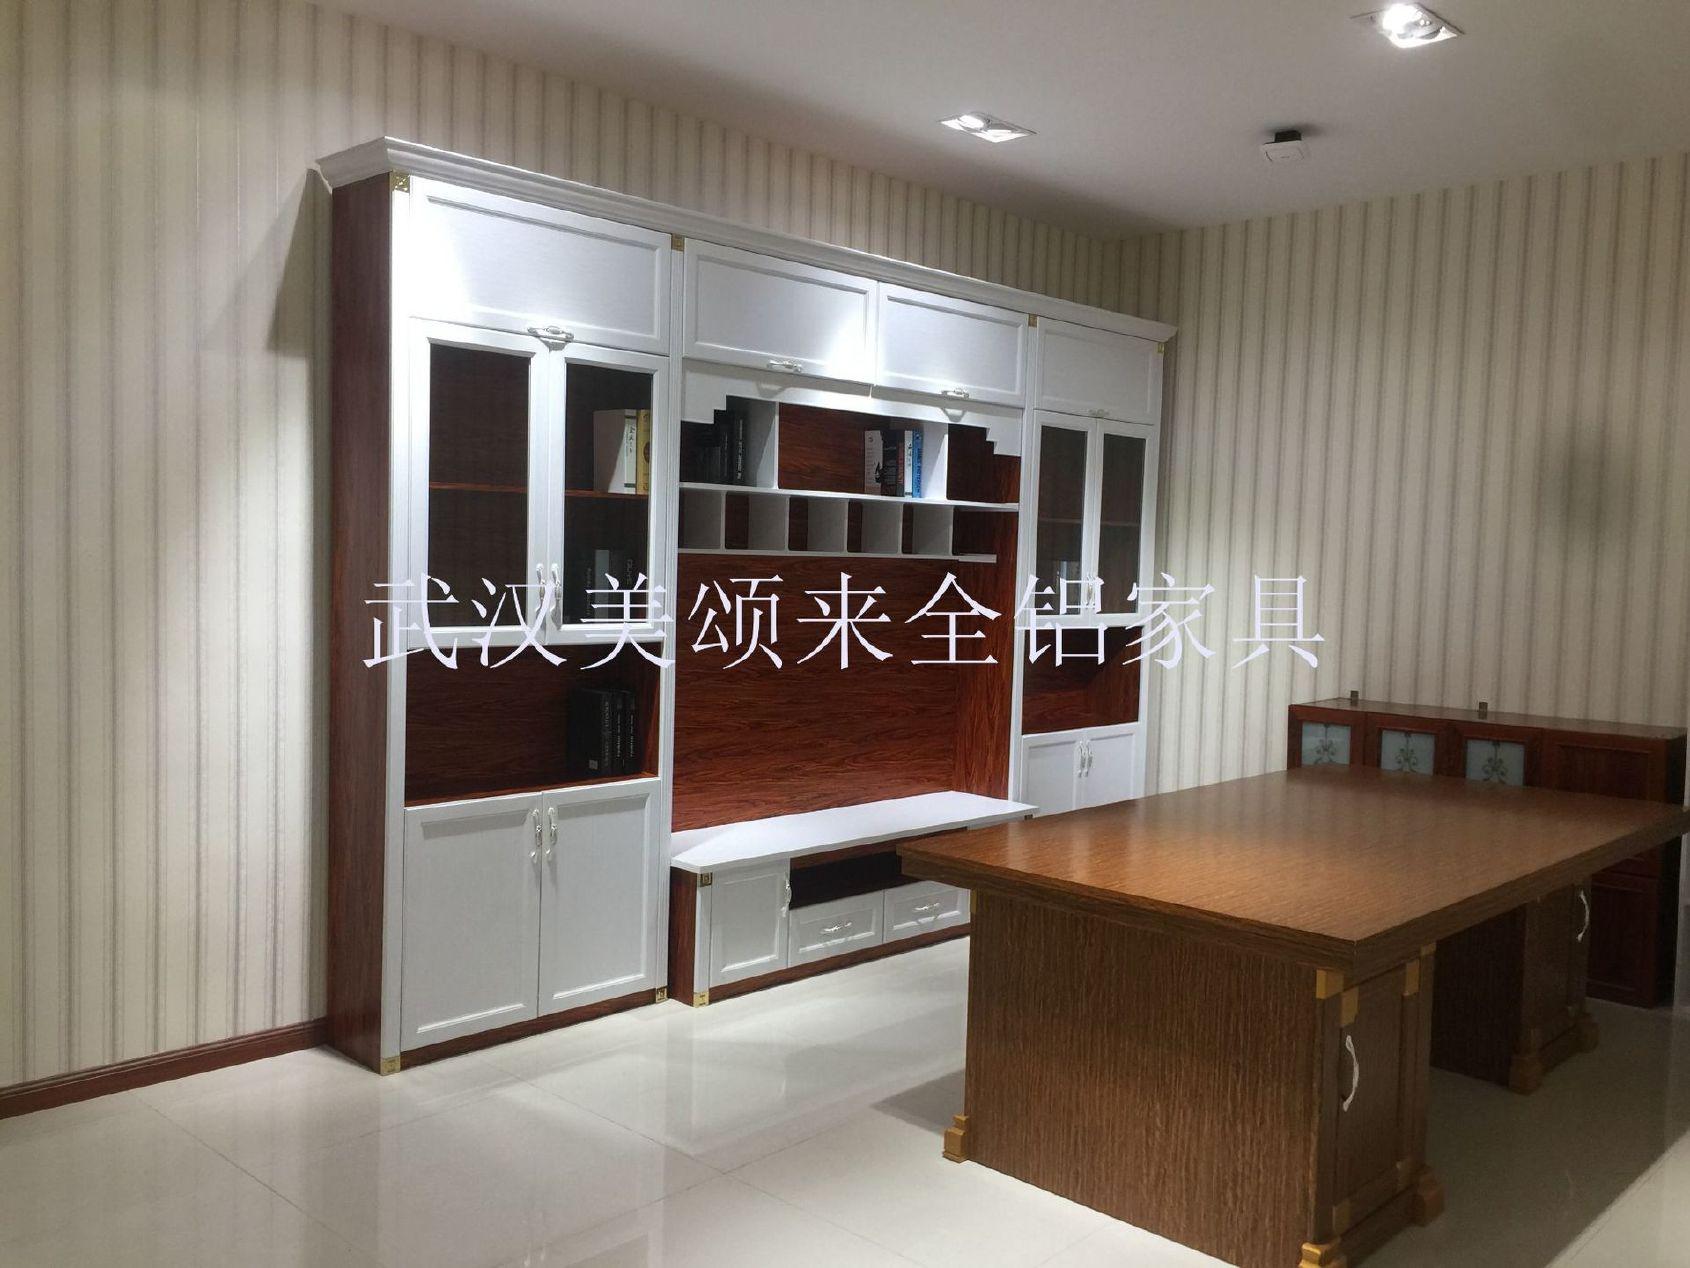 全铝书柜 欧式书柜现代简约书房家具欧式全铝合金书橱书架